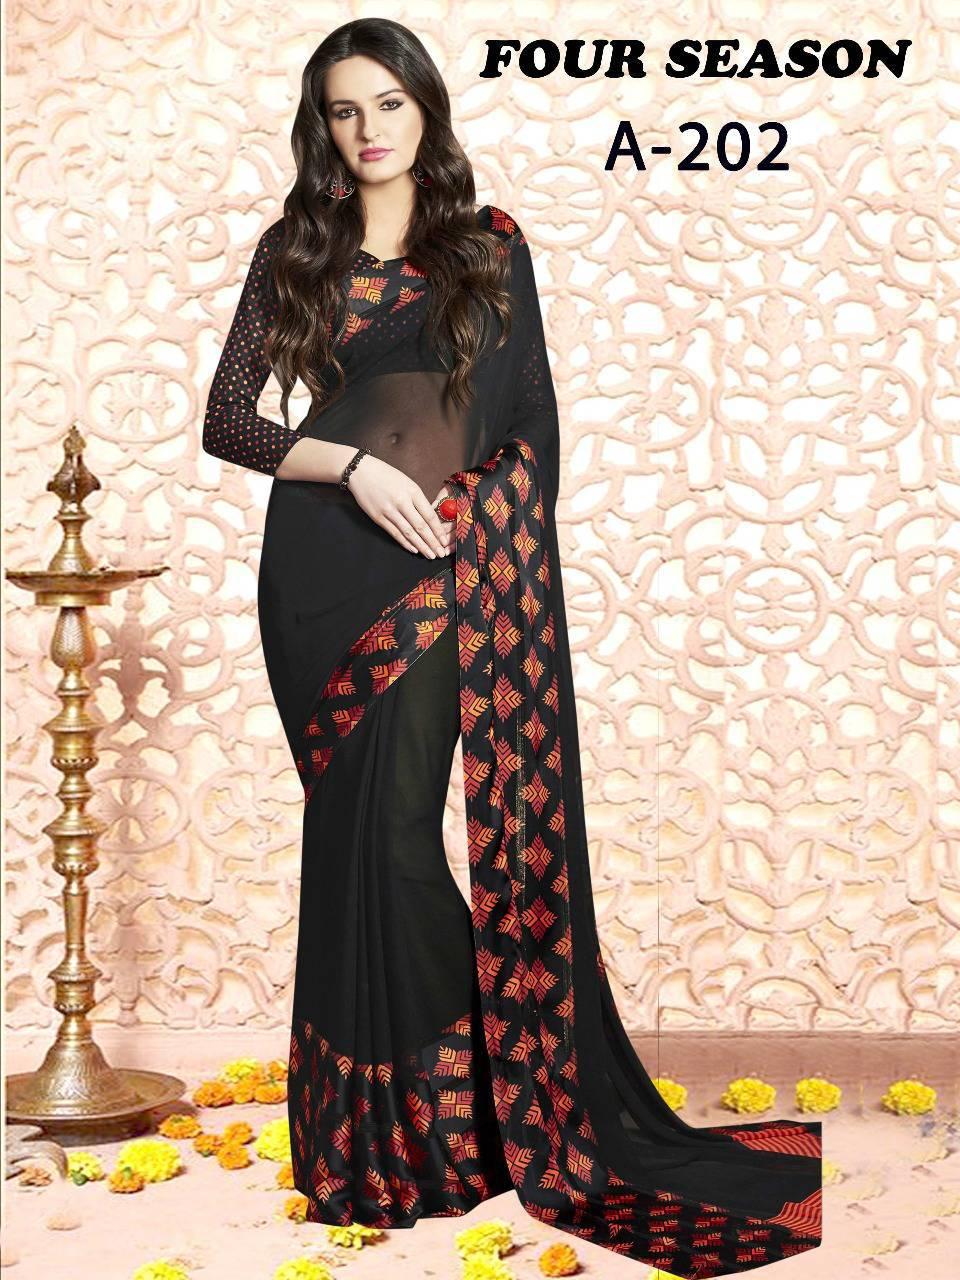 Lt Fabrics Four Season Series 2 Saree Sari Wholesale Catalog 4 pcs 4 - Lt Fabrics Four Season Series 2 Saree Sari Wholesale Catalog 4 pcs